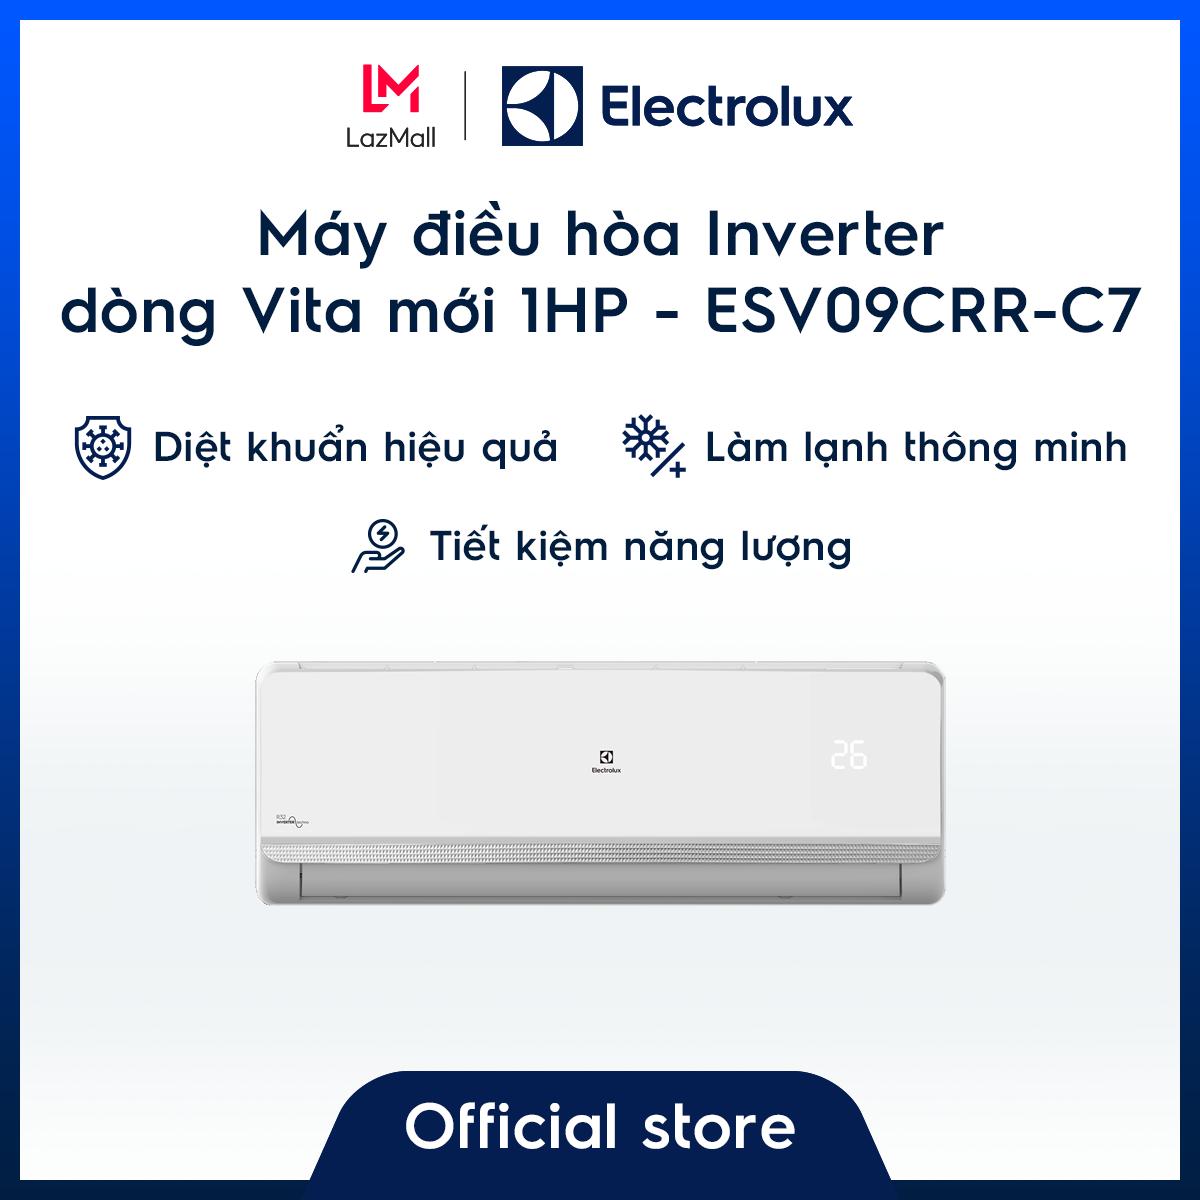 [Miễn phí giao hàng HCM & HN] Máy điều hòa Electrolux Inverter 1HP 9000BTU ESV09CRR-C7 – Màu trắng – Thiết kế châu Âu – Lọc khí trong lành – Hạn chế vi khuẩn – Tiết kiệm điện – Hàng chính hãng